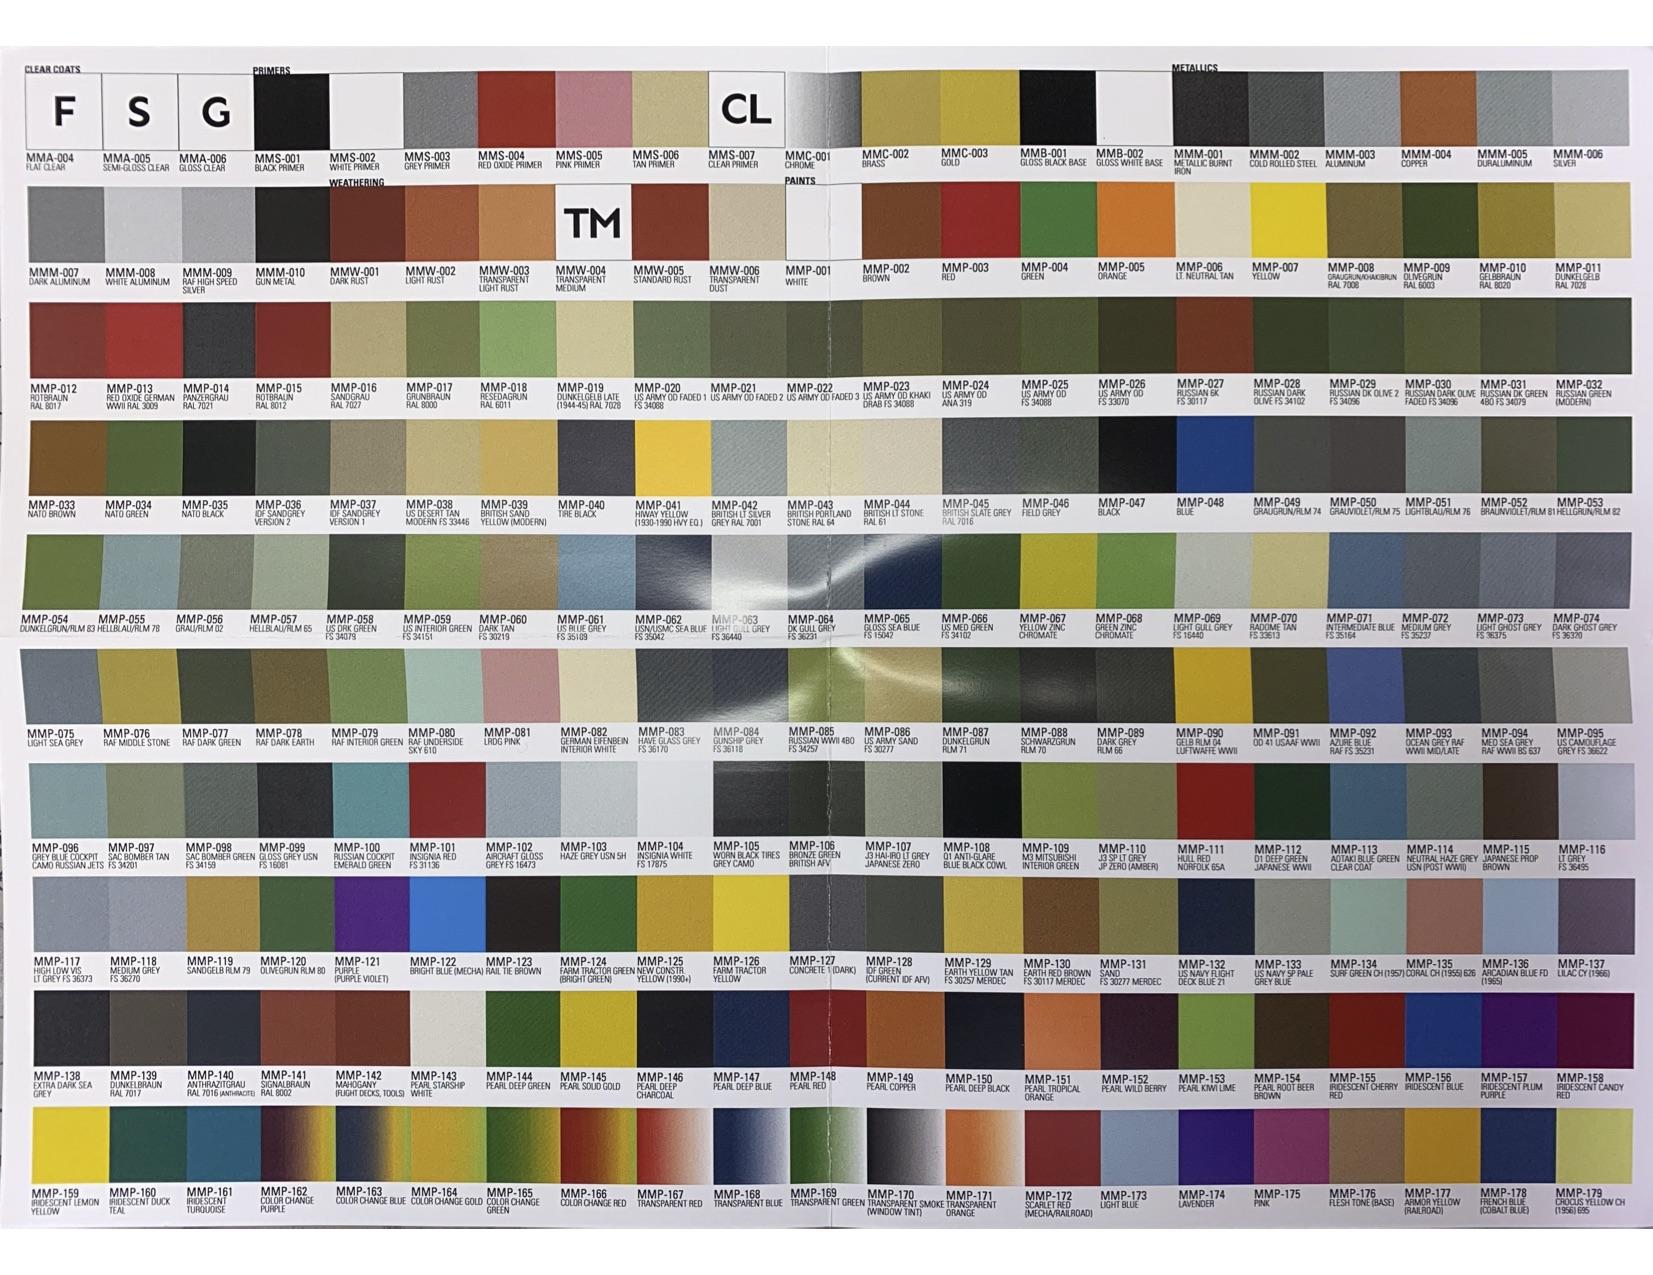 Mission models color chart.jpg